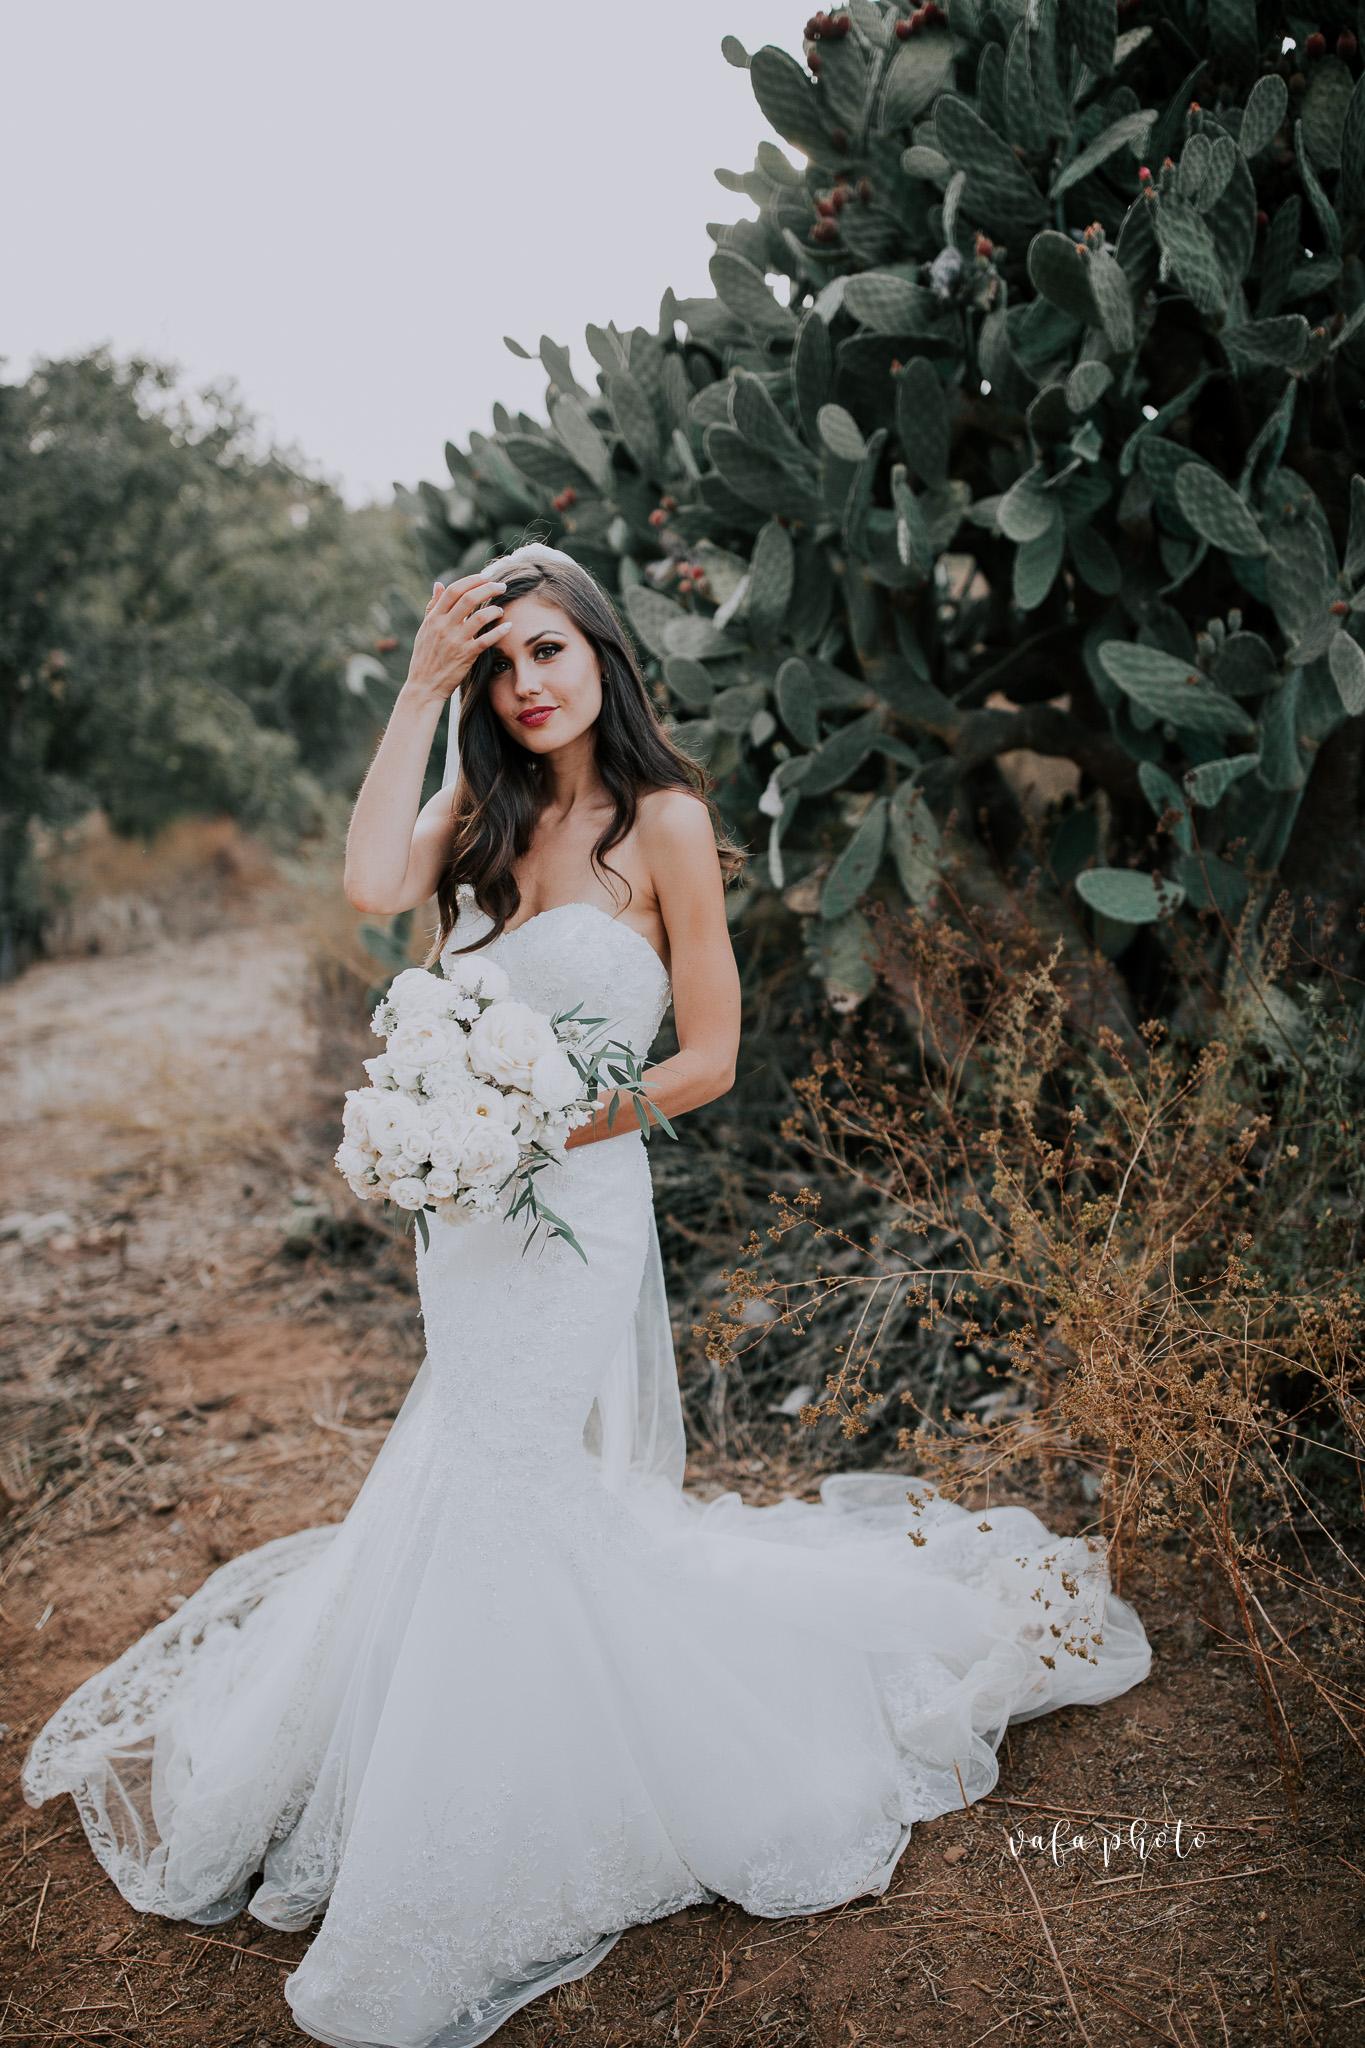 Southern-California-Wedding-Britt-Nilsson-Jeremy-Byrne-Vafa-Photo-598.jpg